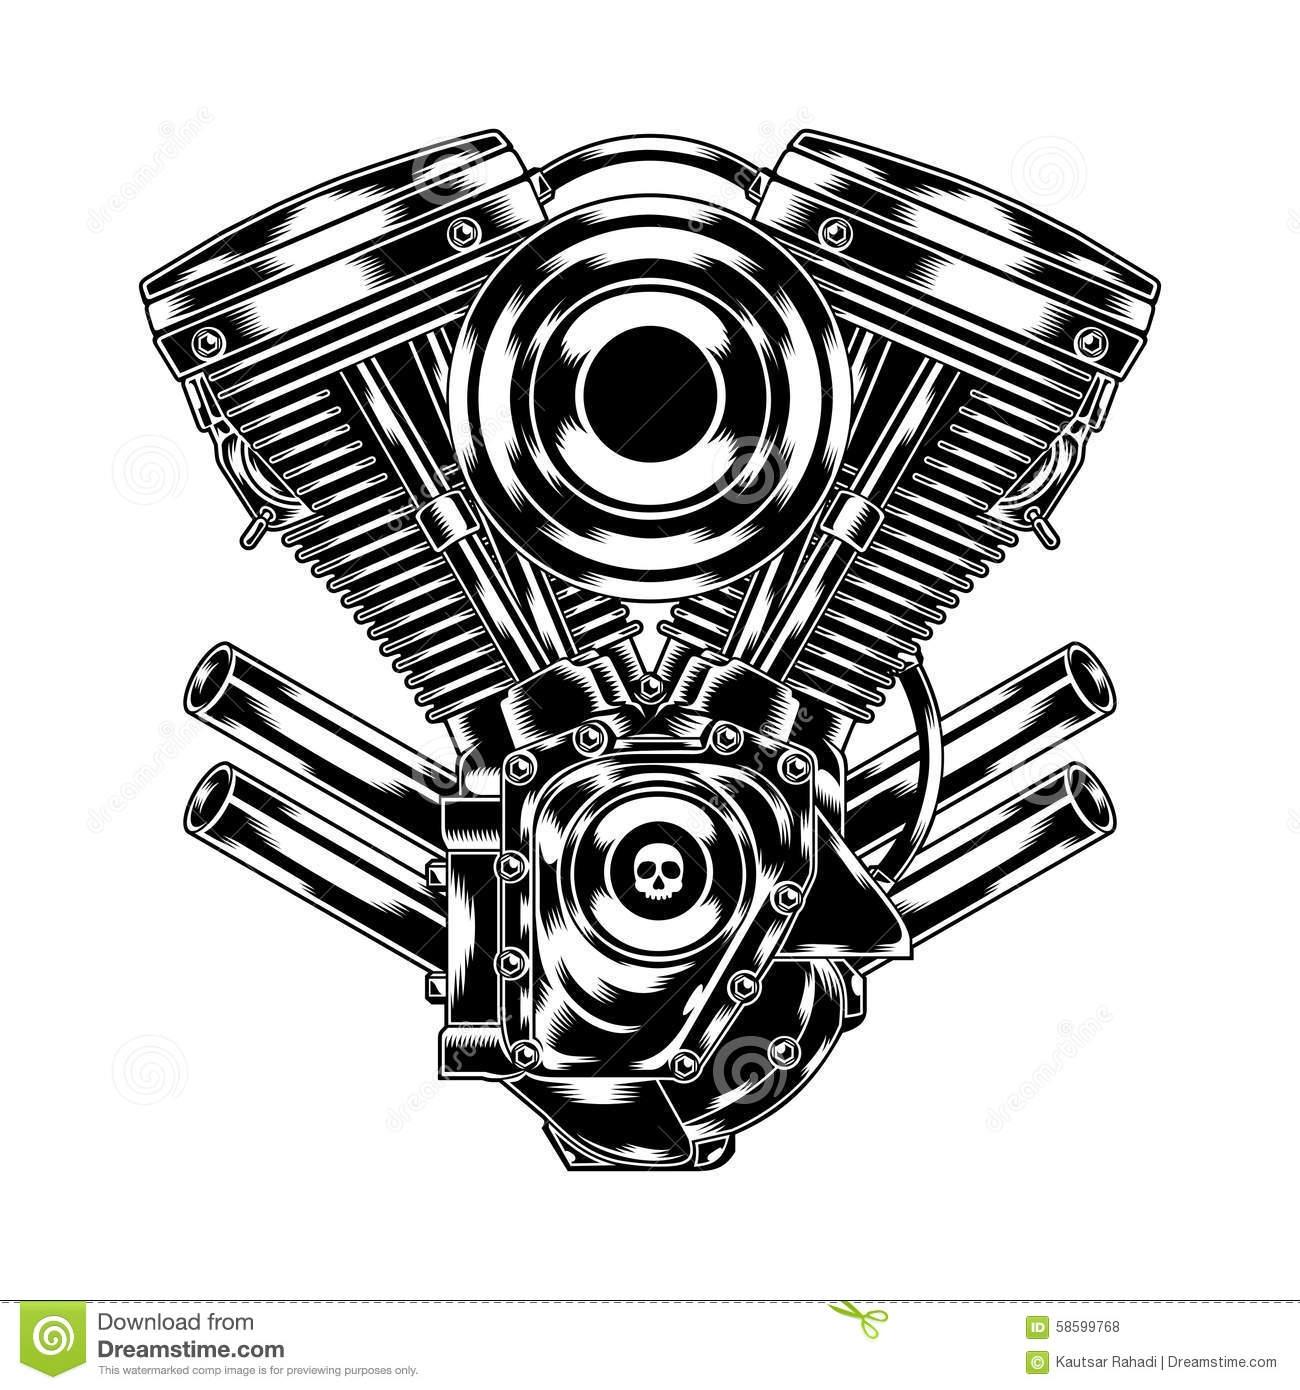 Engine clipart motorcycle Motorcycle Motorcycle Clipart Engine com